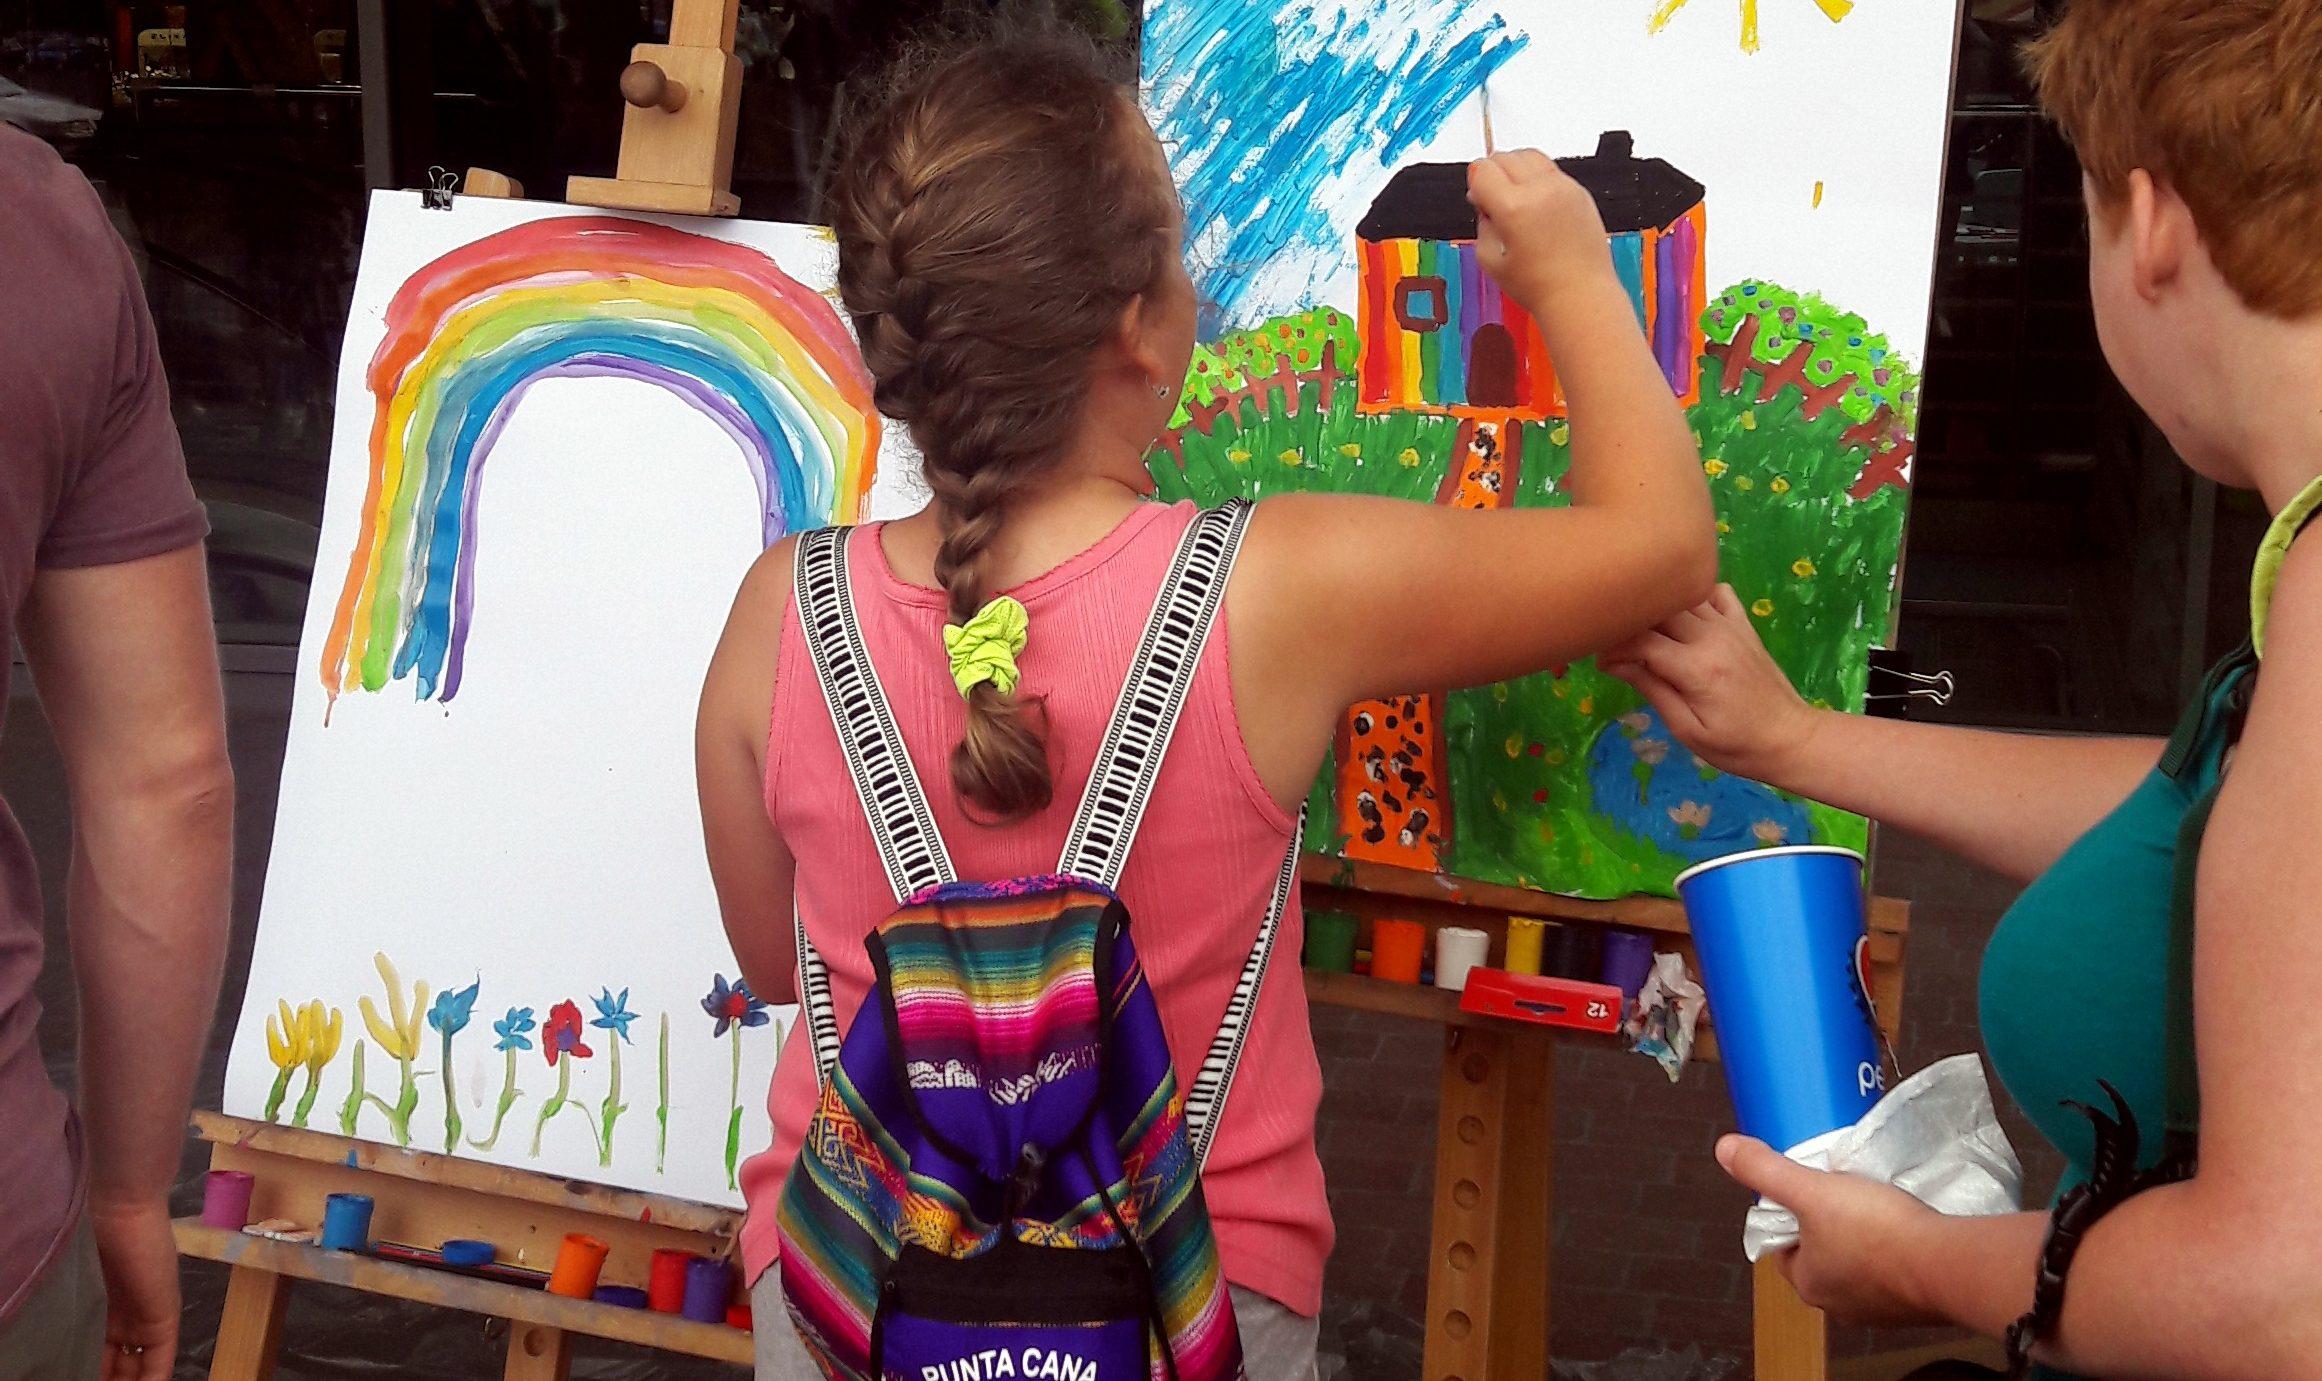 """Rus Polisi """"Eşcinselliği Yücelttiği"""" Gerekçesi İle Çocukların Çizimlerine El Koydu!"""